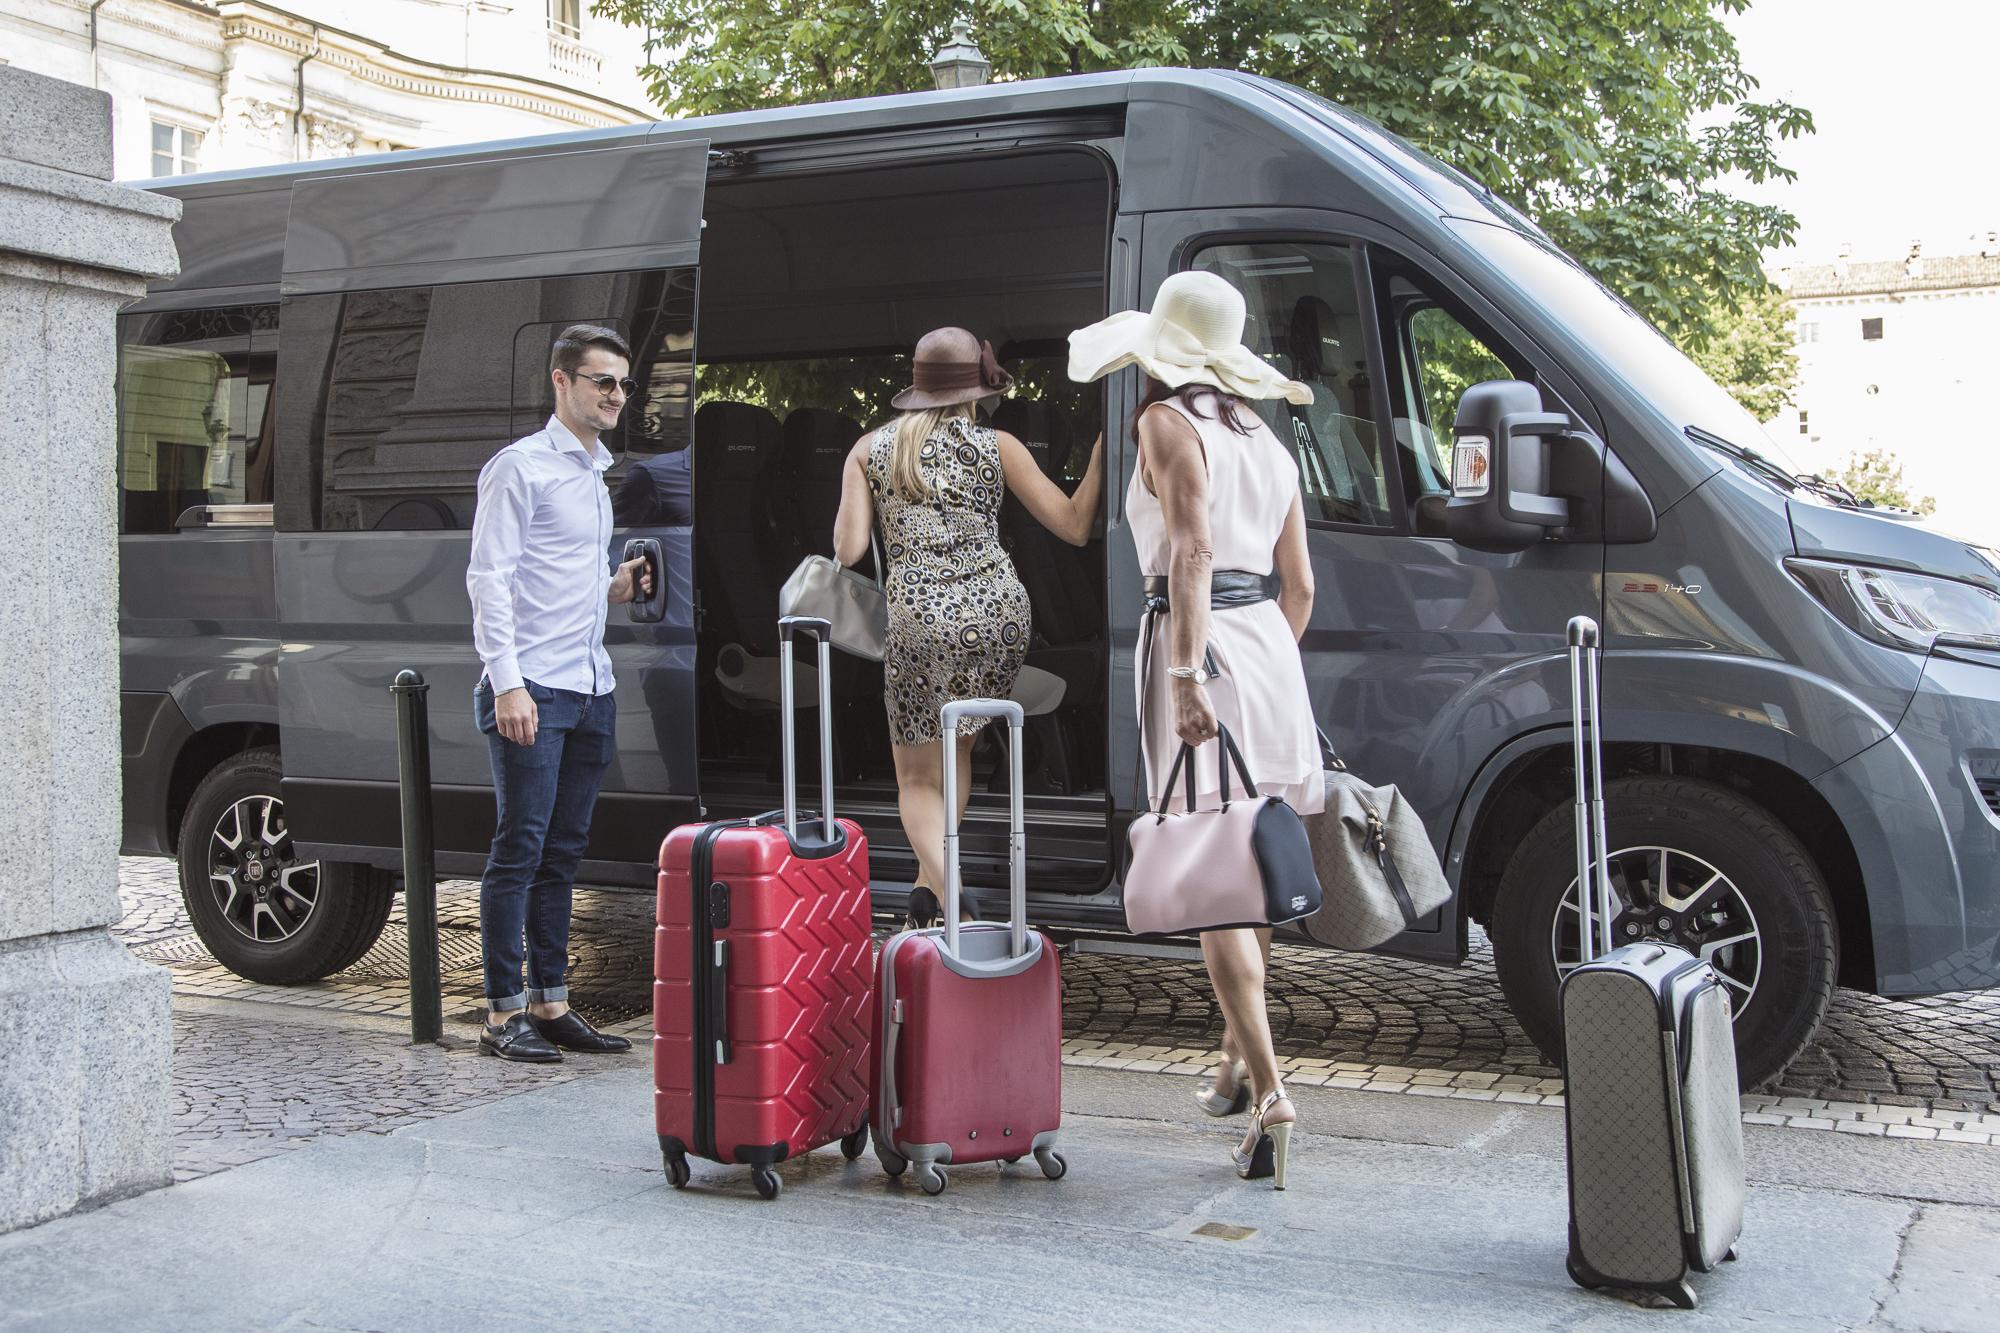 Fiat Ducato 2020 per il trasporto di persone